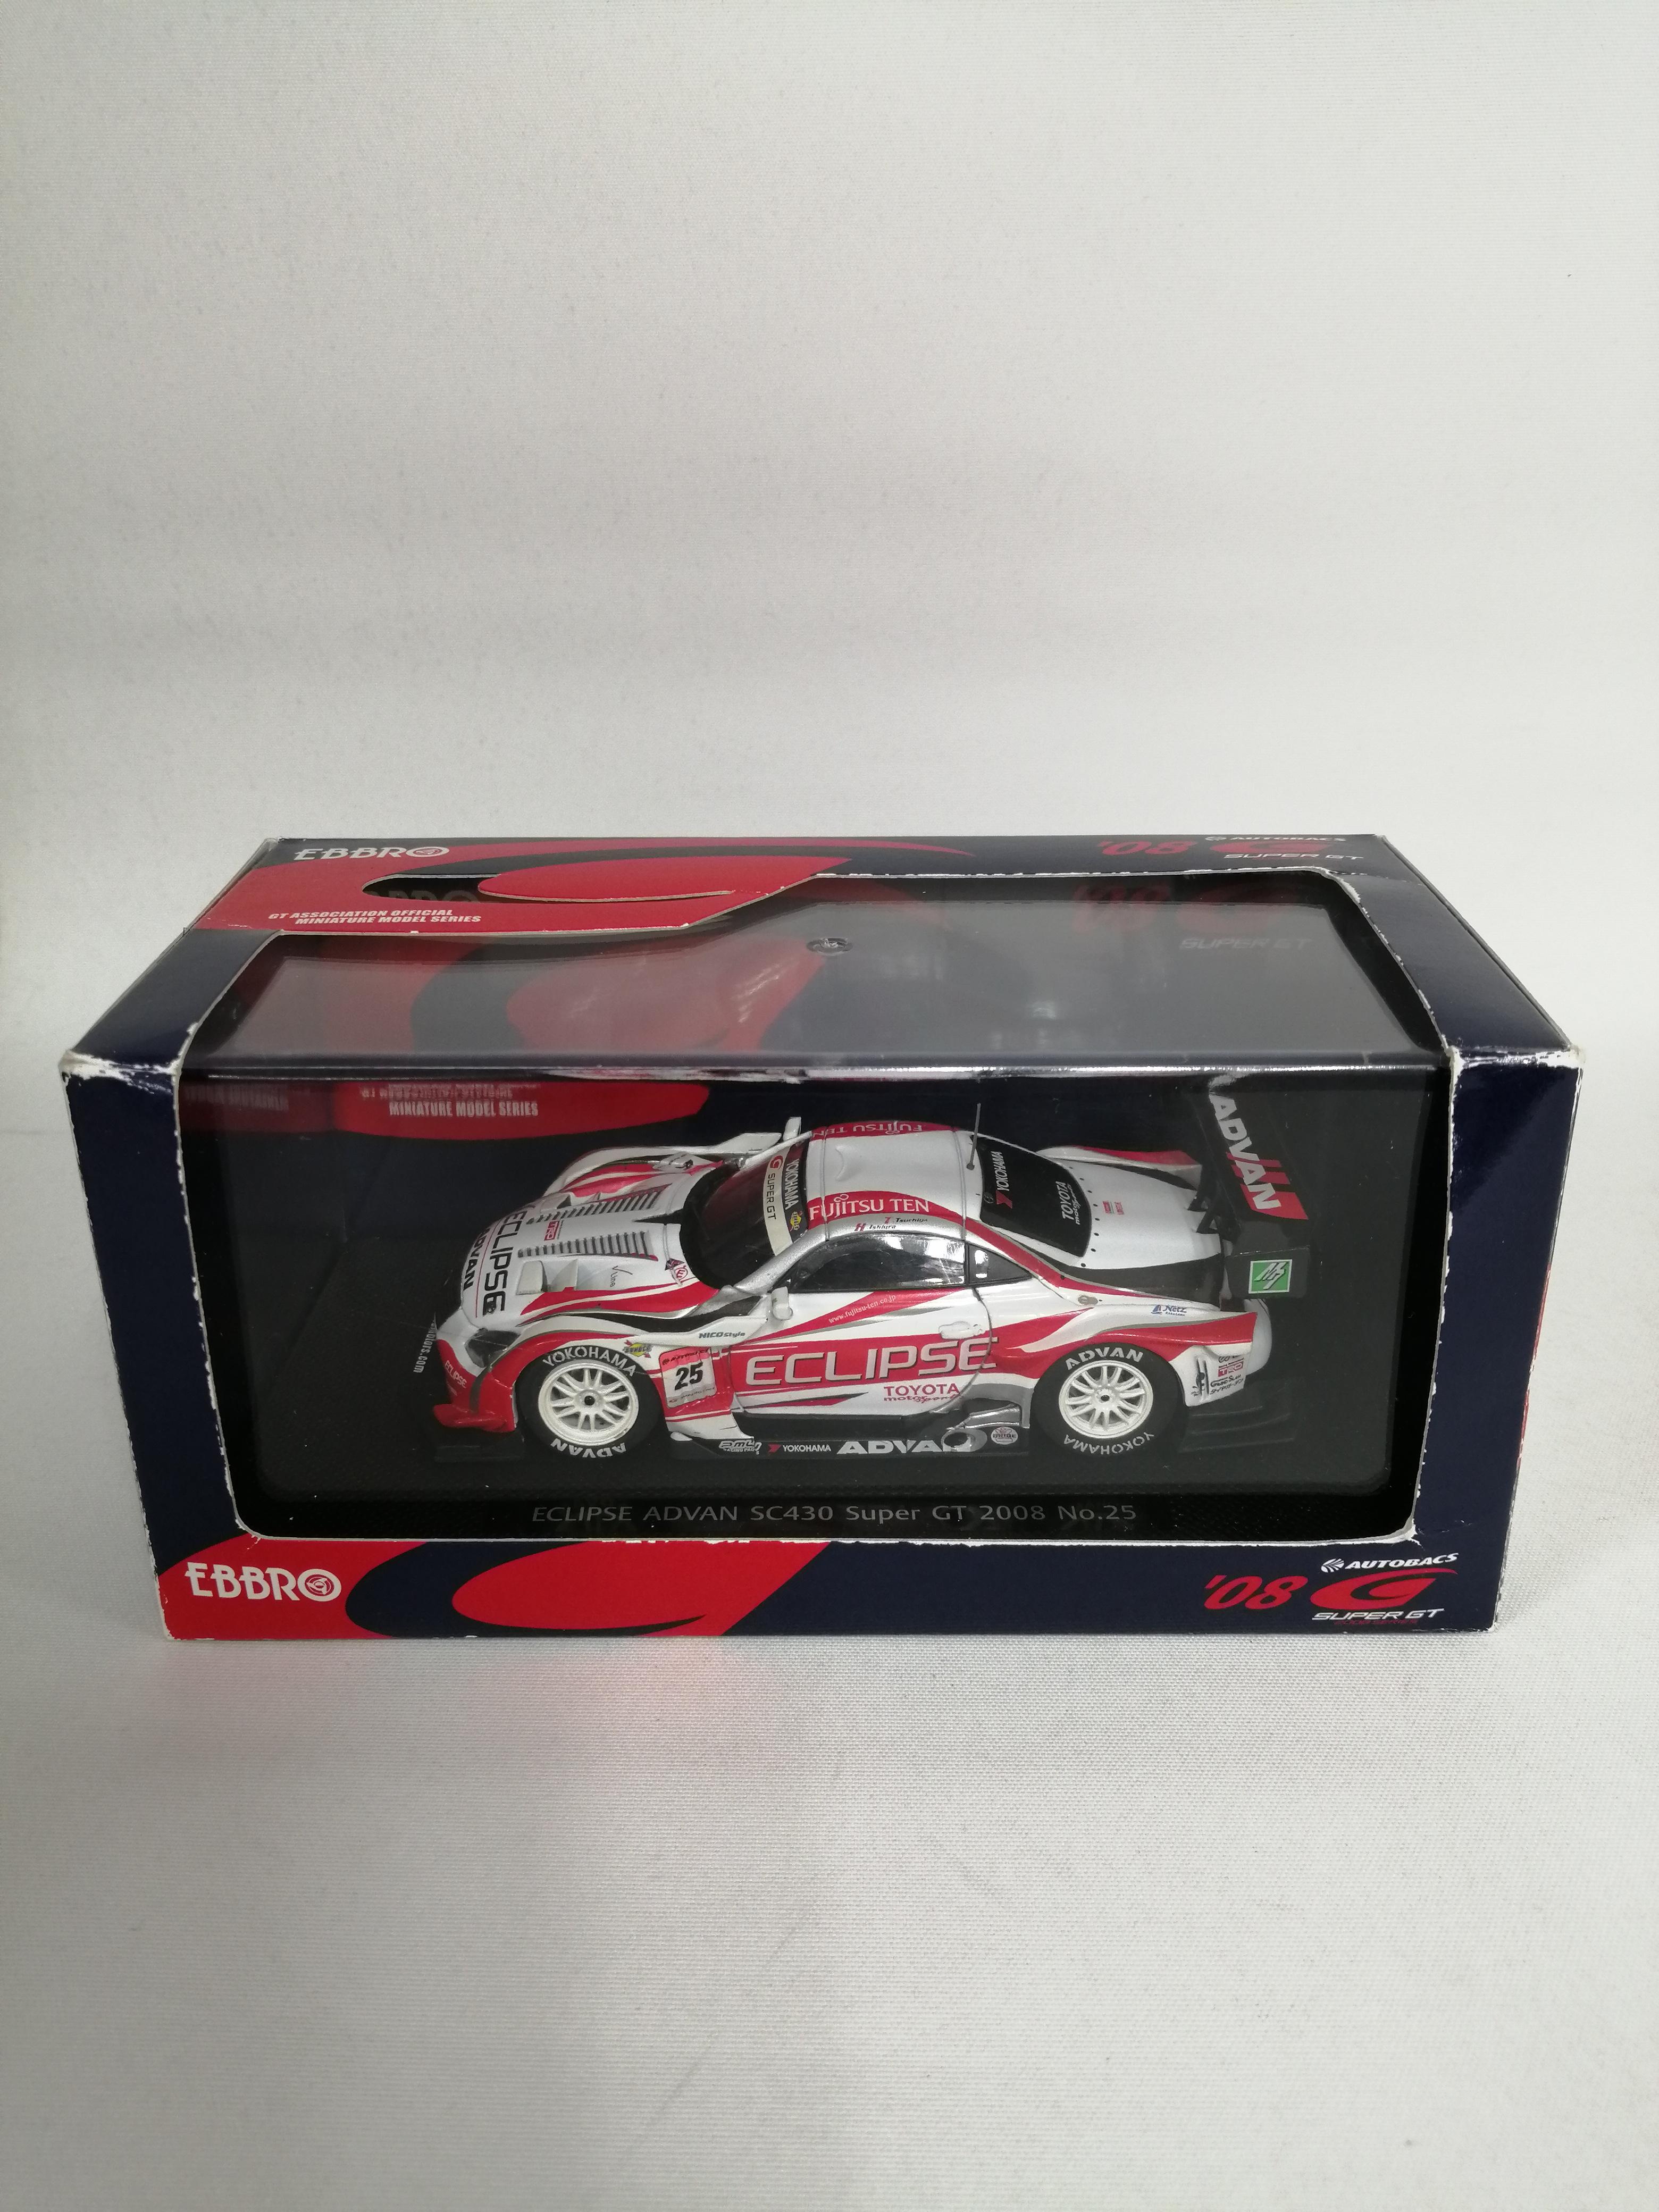 1/43ECLIPSE ADVAN SC430 GT2008|EBBRO